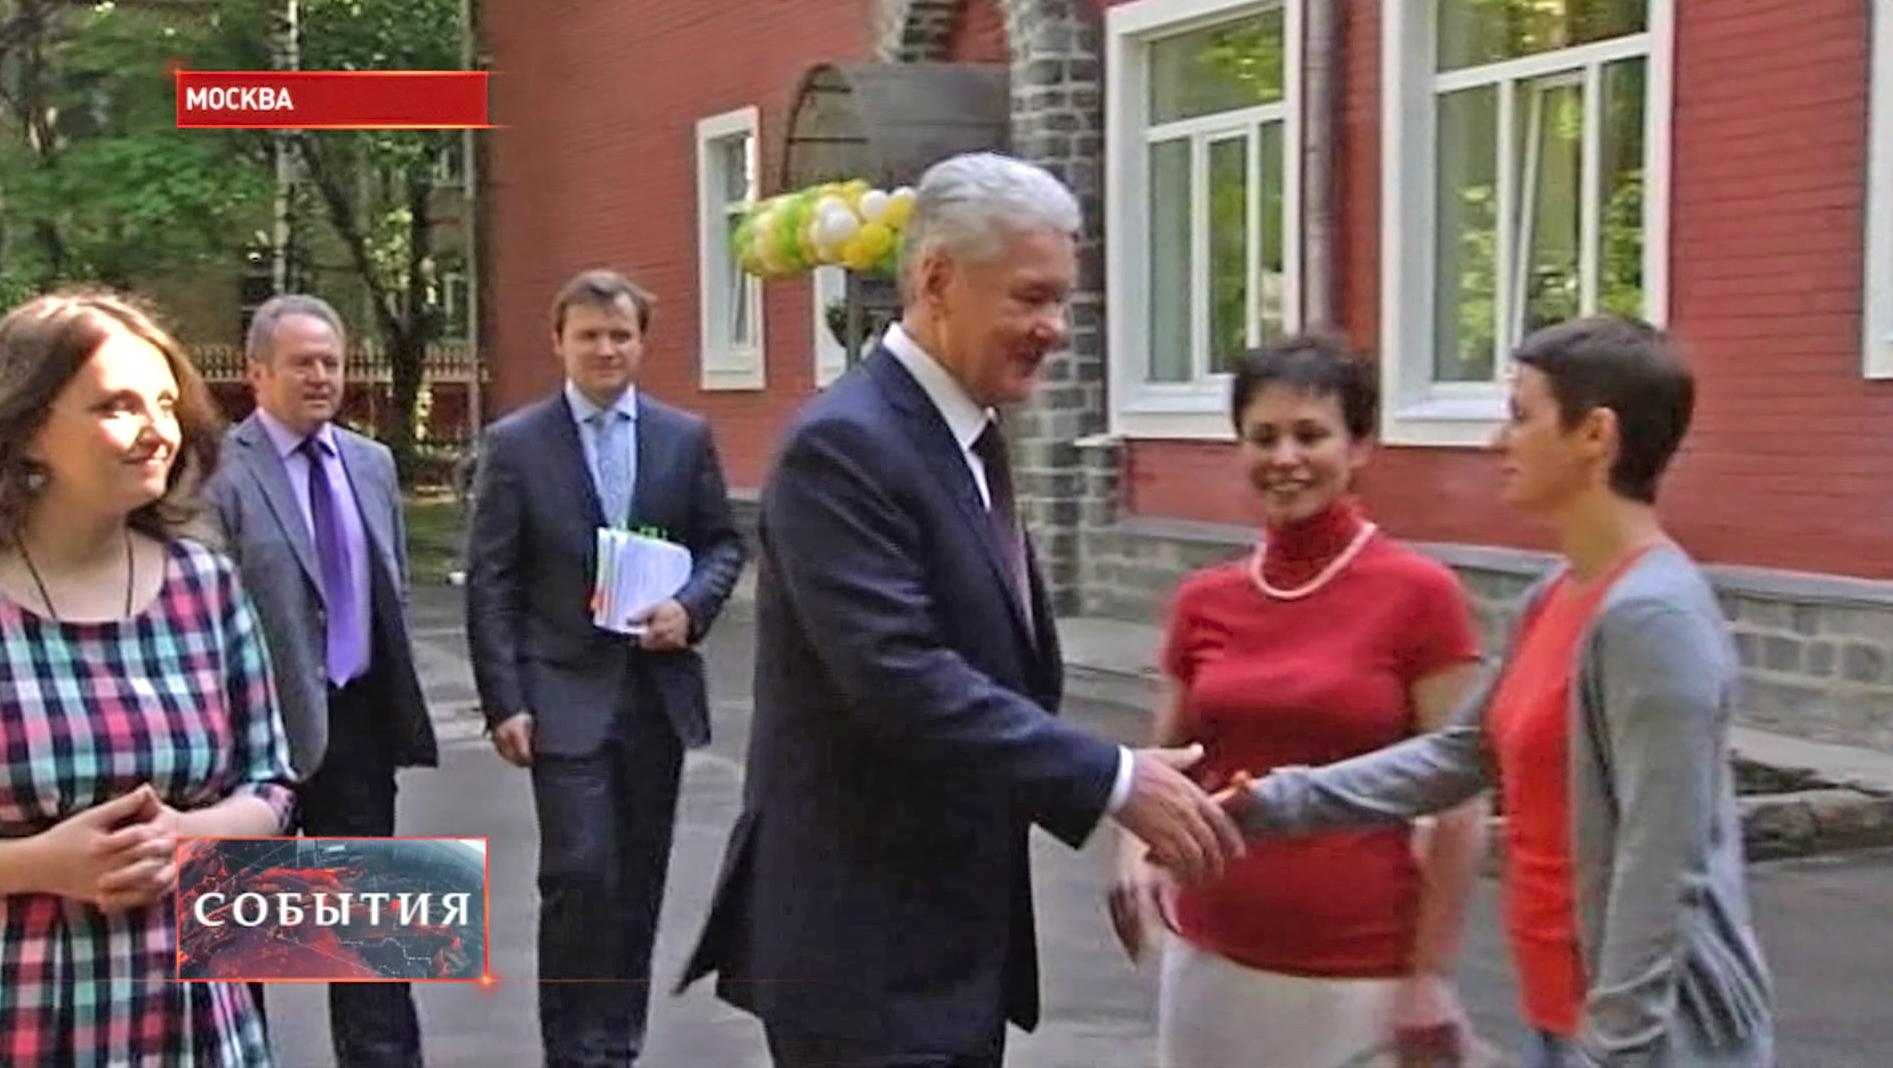 Сергей Собянин посетил частный детский сад